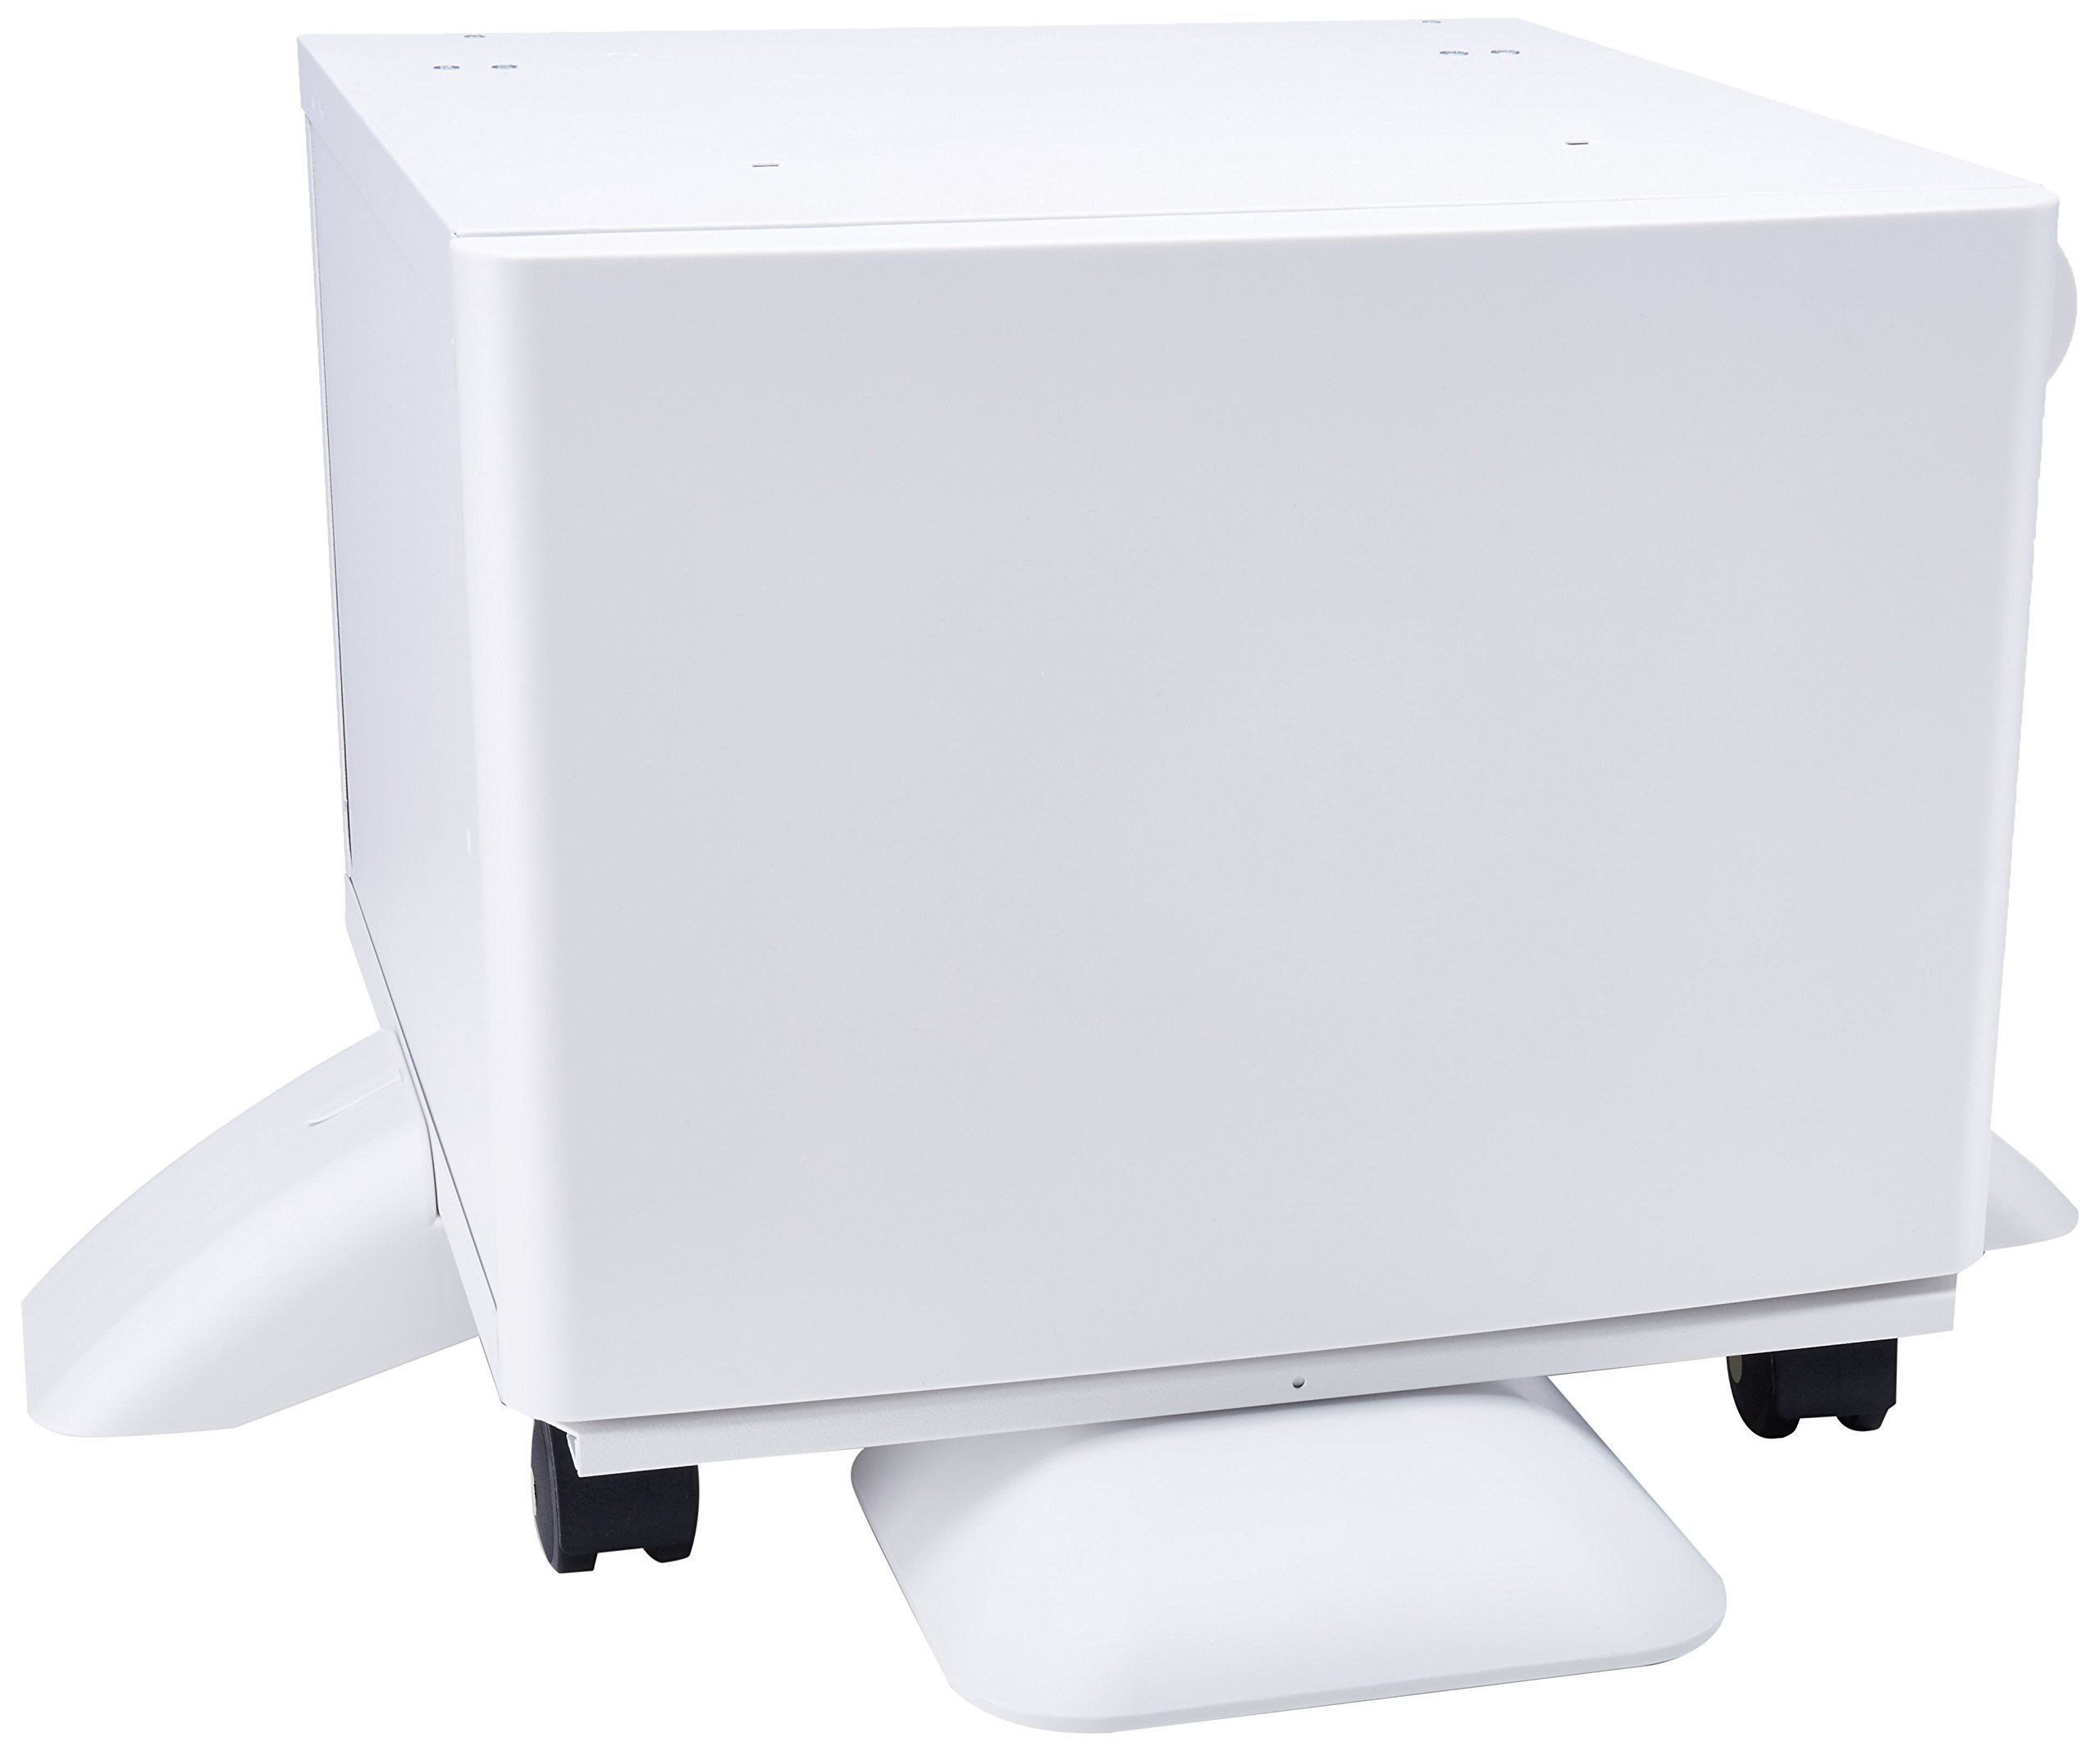 Xerox Printer Stand (497K13660)